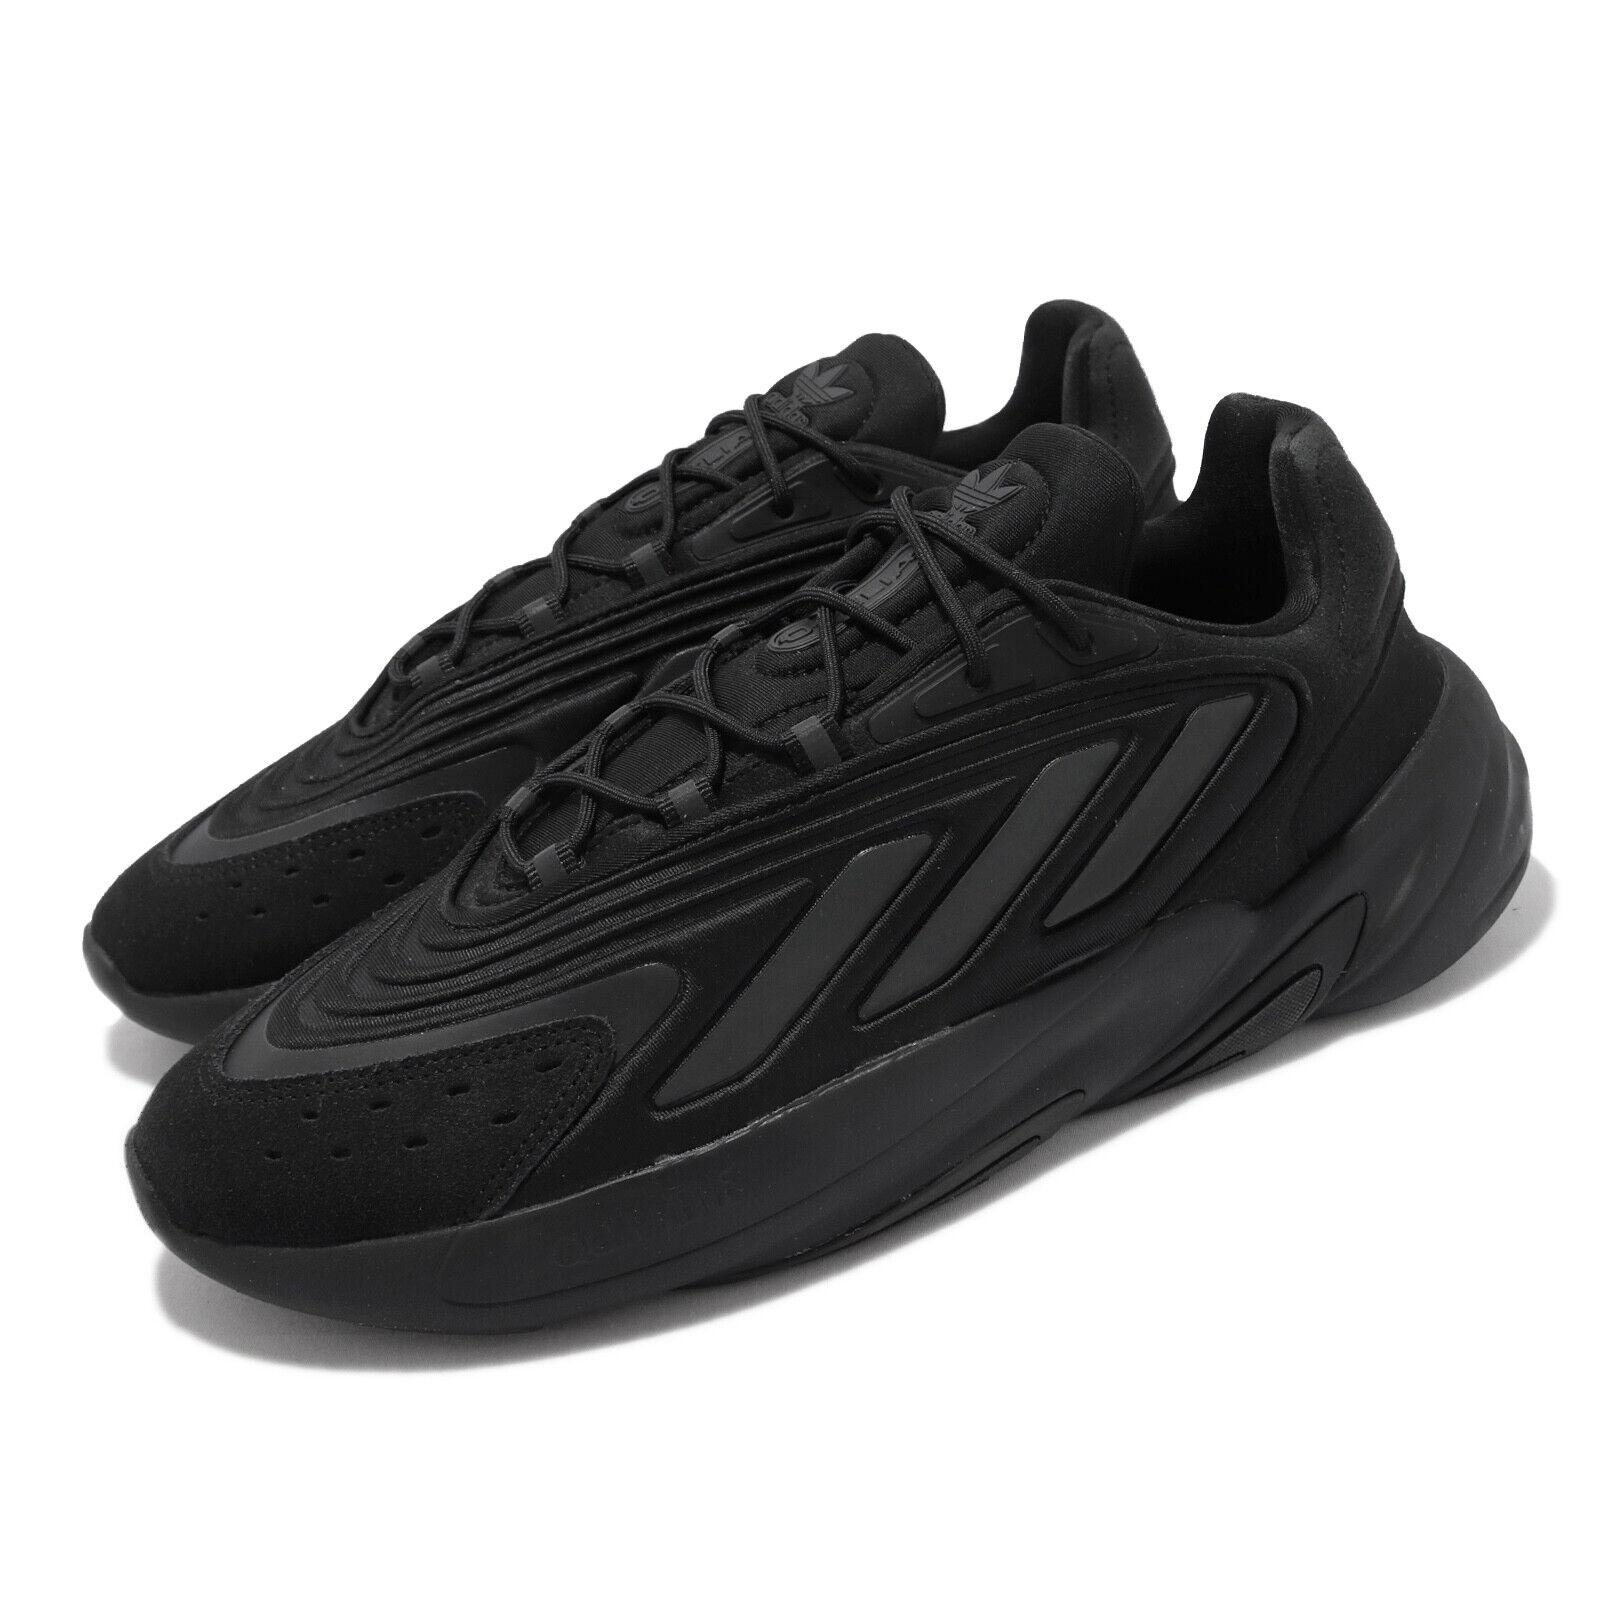 adidas Originals Ozelia Triple Black Men Unisex Casual Lifestyle Shoes H04250